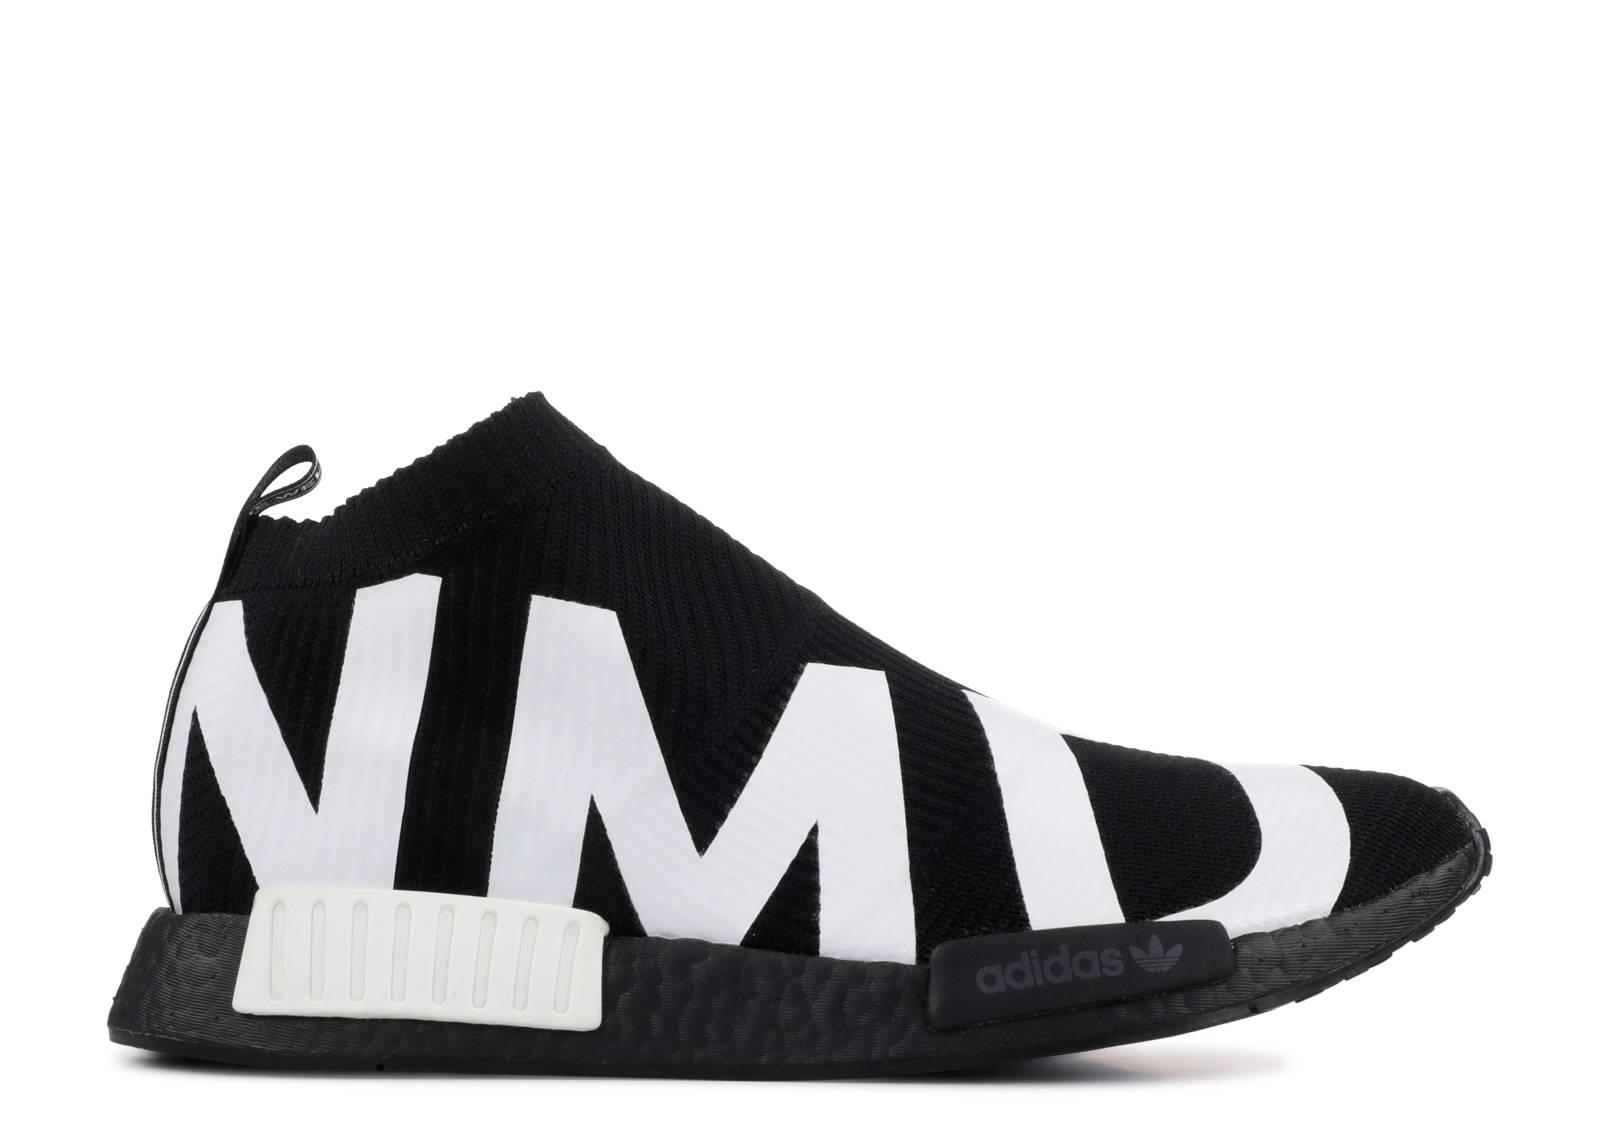 low priced 68f36 d979f Adidas NMD_CS1 Primeknit